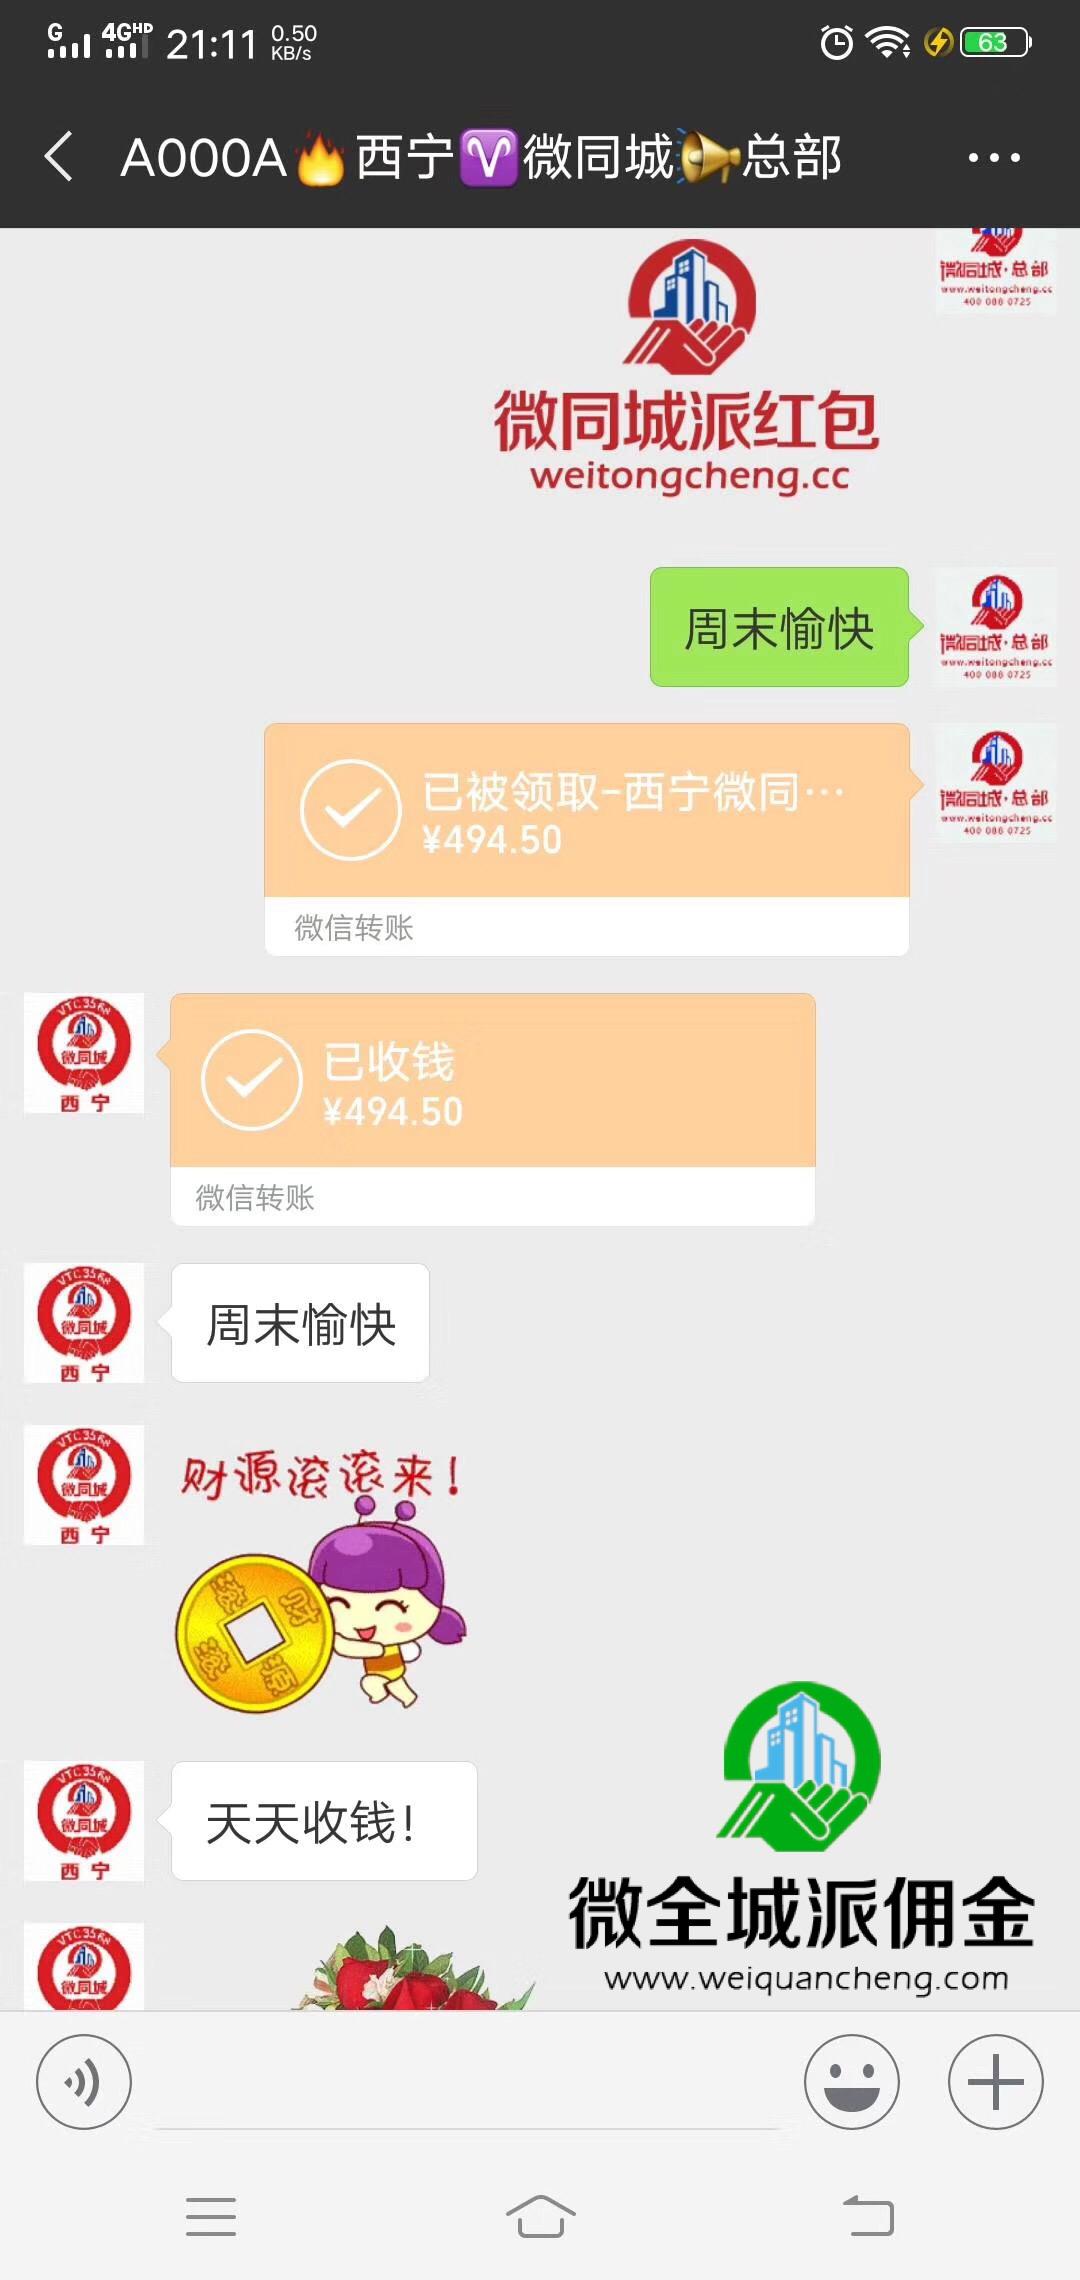 【赚494.5元】西宁微全城微帮广告佣金